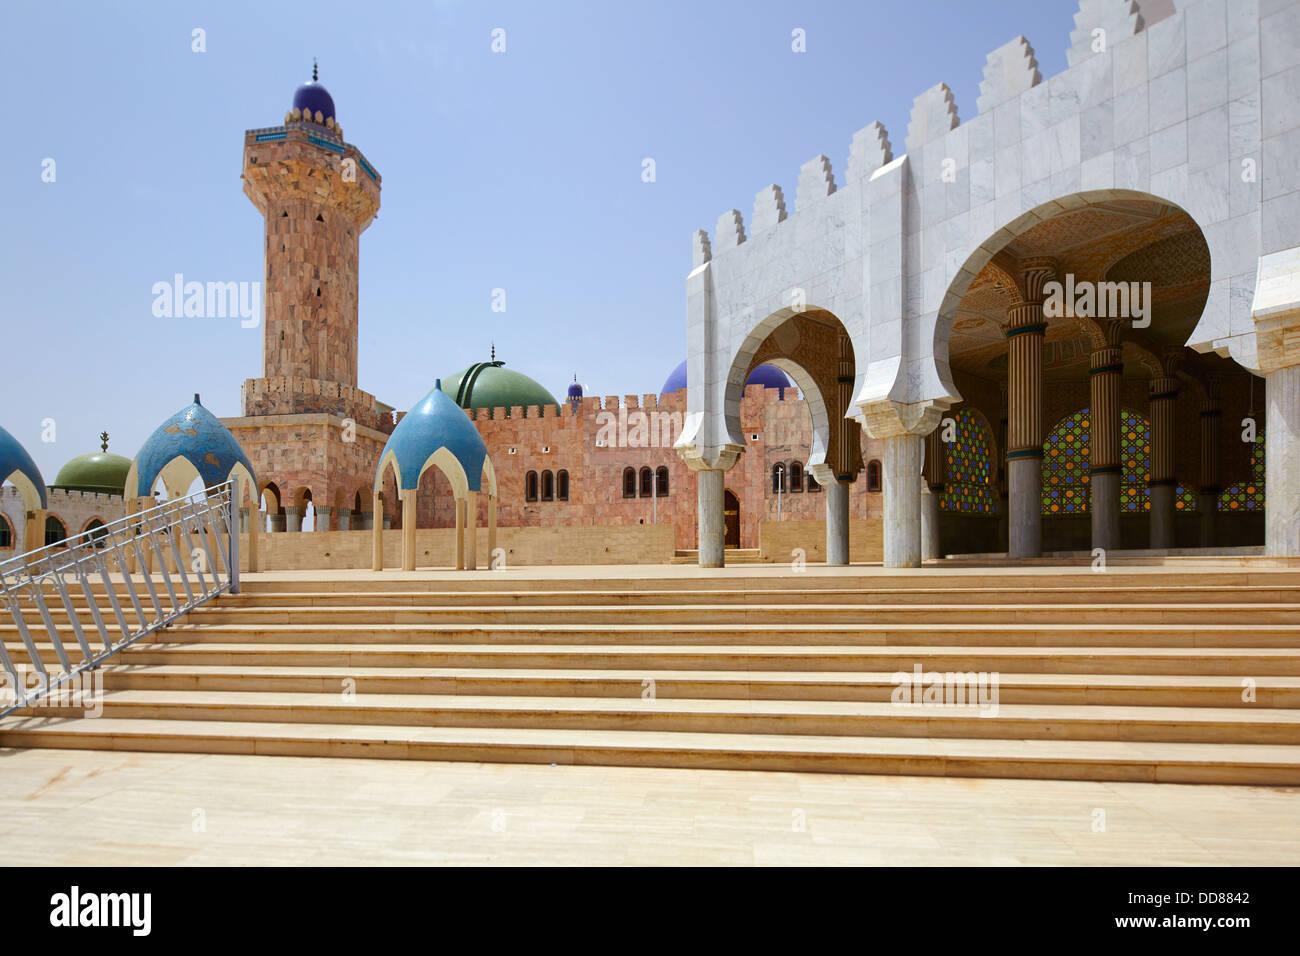 Grande Moschea di Touba, Senegal Africa Immagini Stock